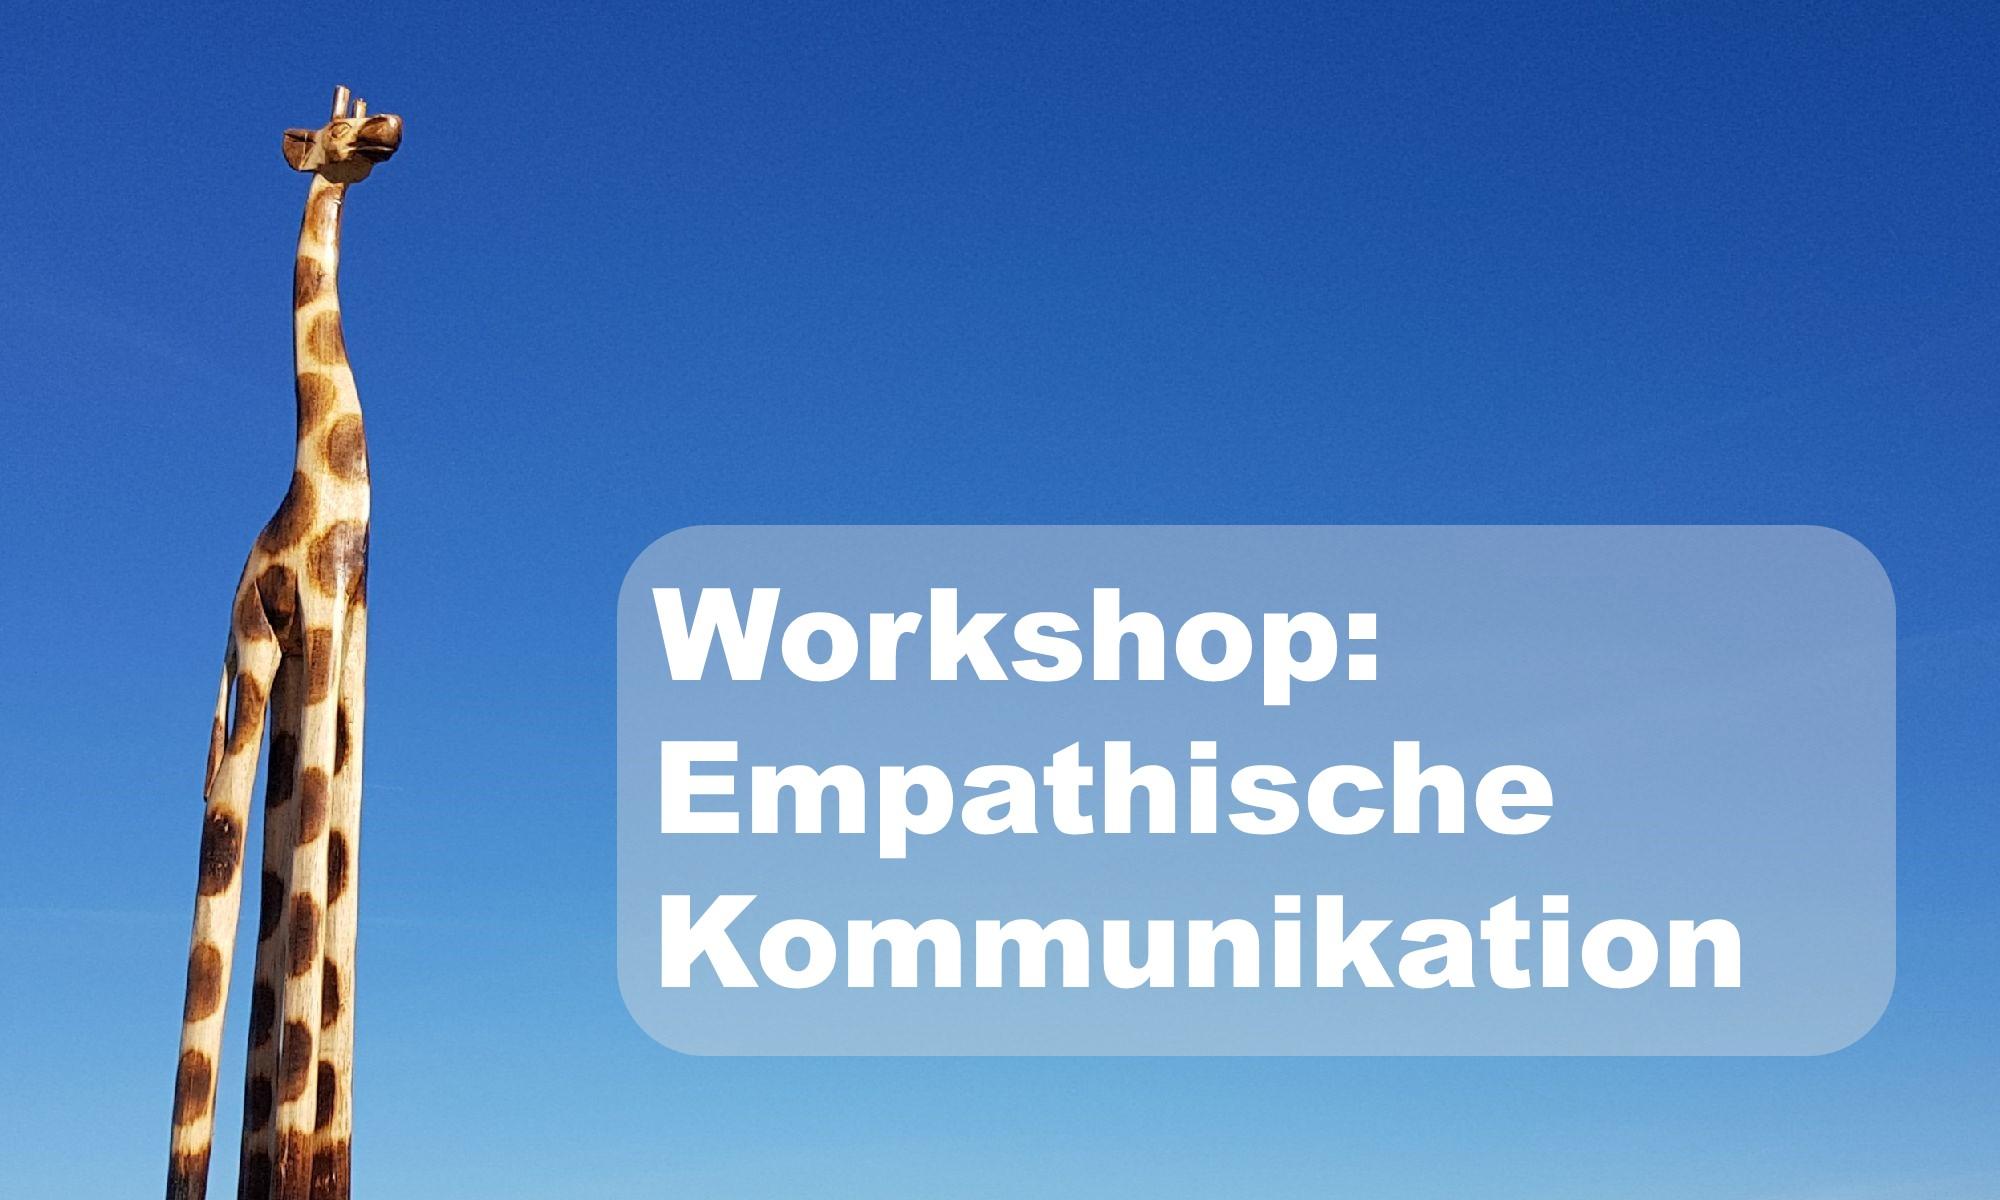 Workshop Empathische Kommunikation